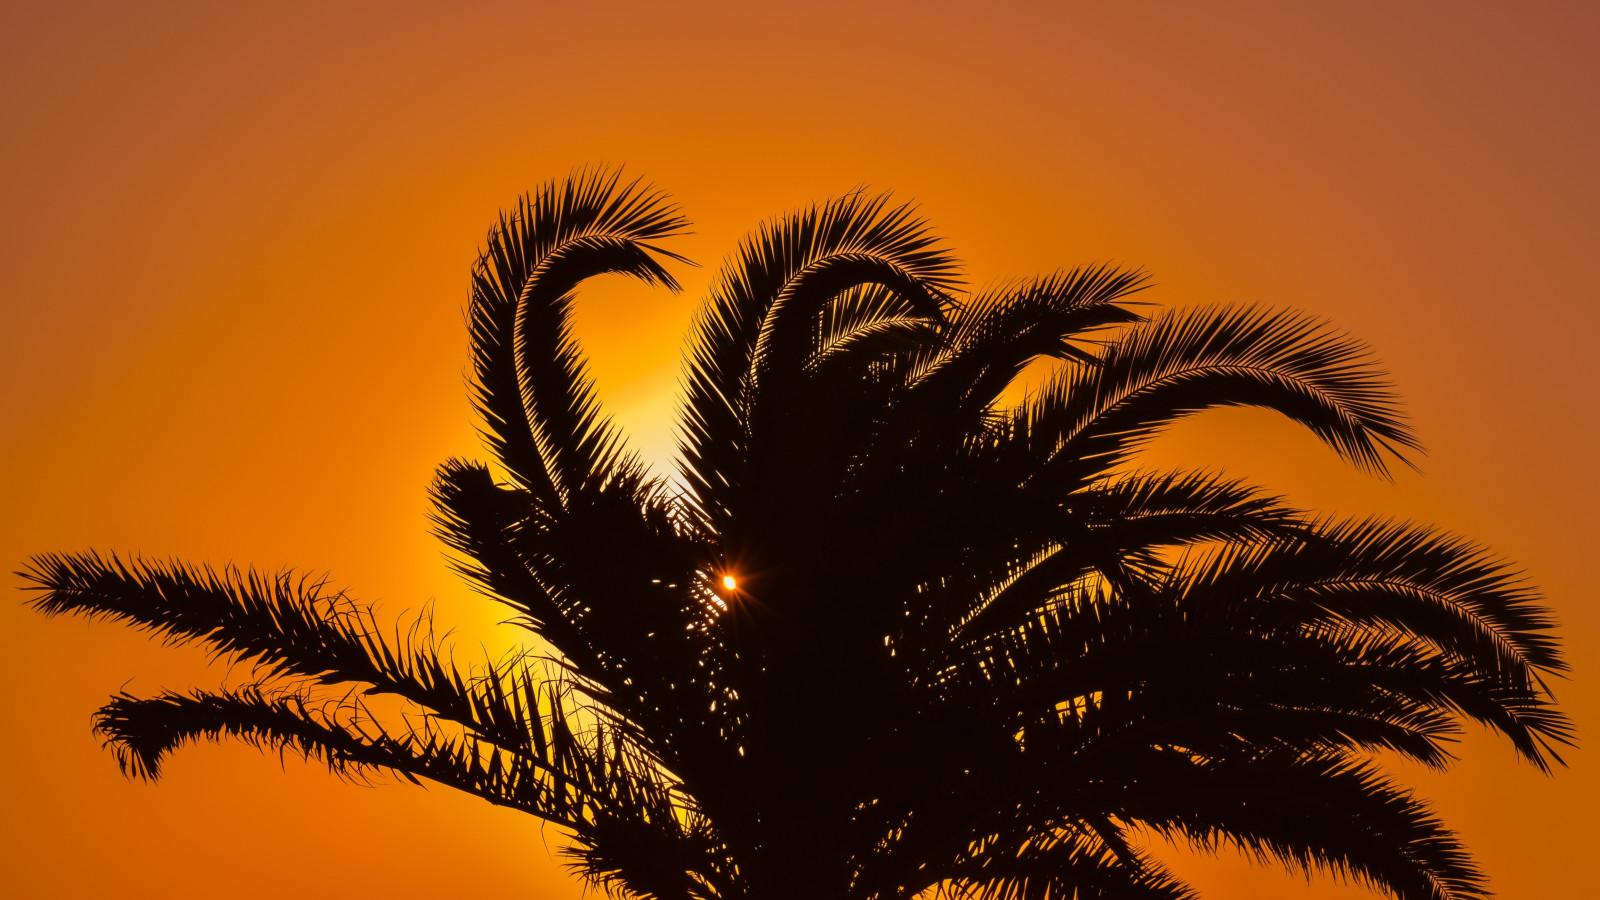 профессиональное фото море солнце ветка пальмы новости